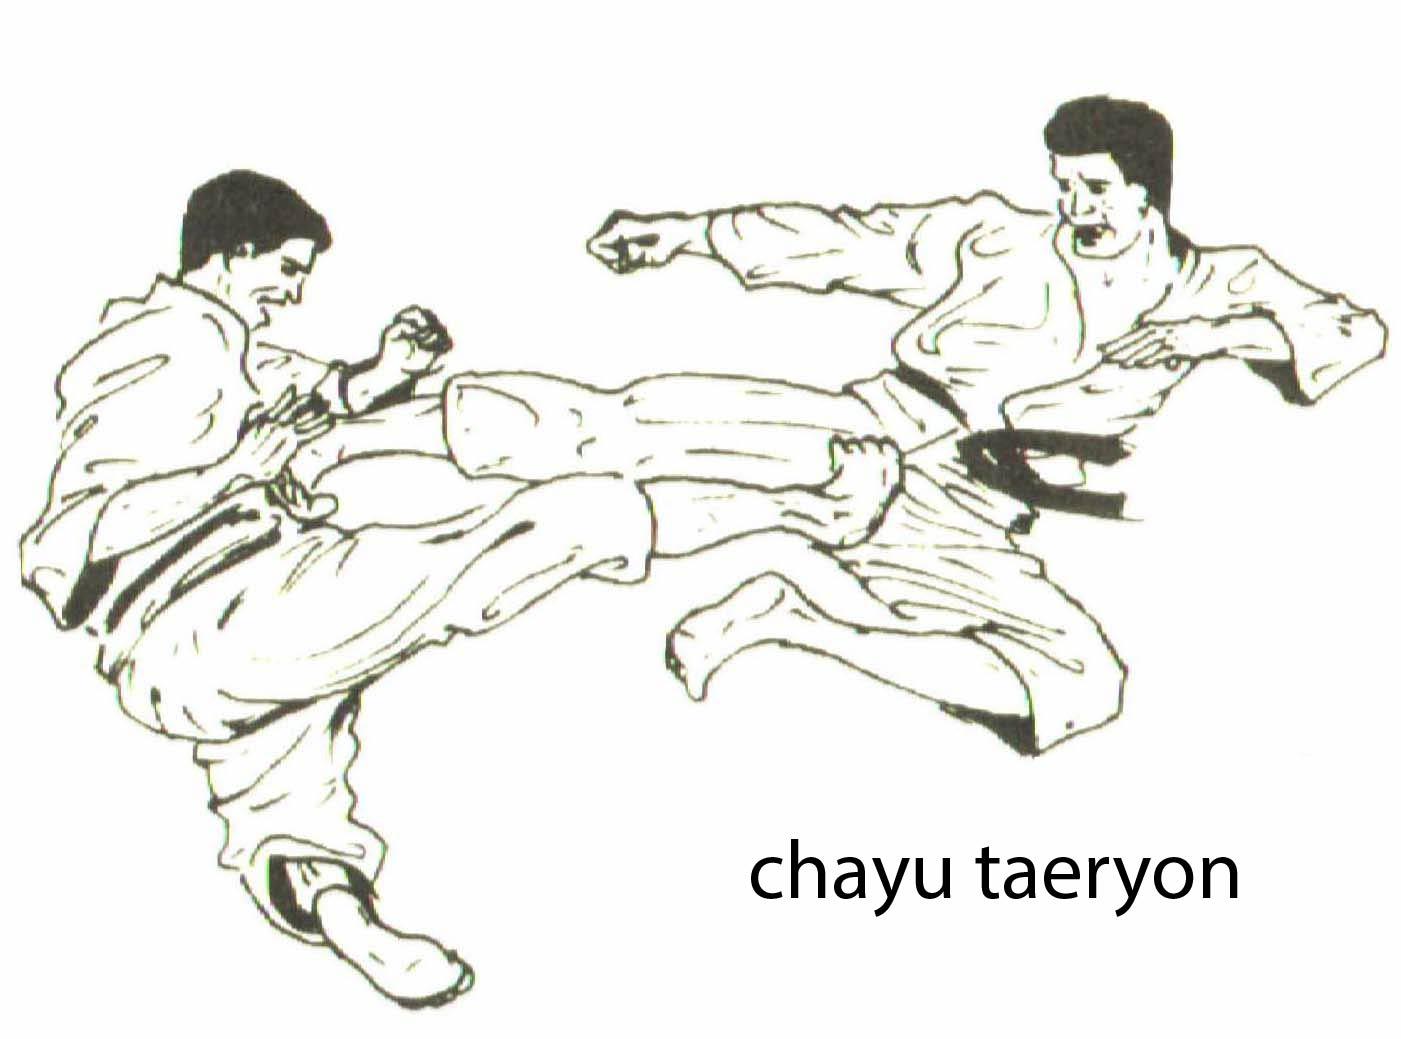 chayu_taeryon